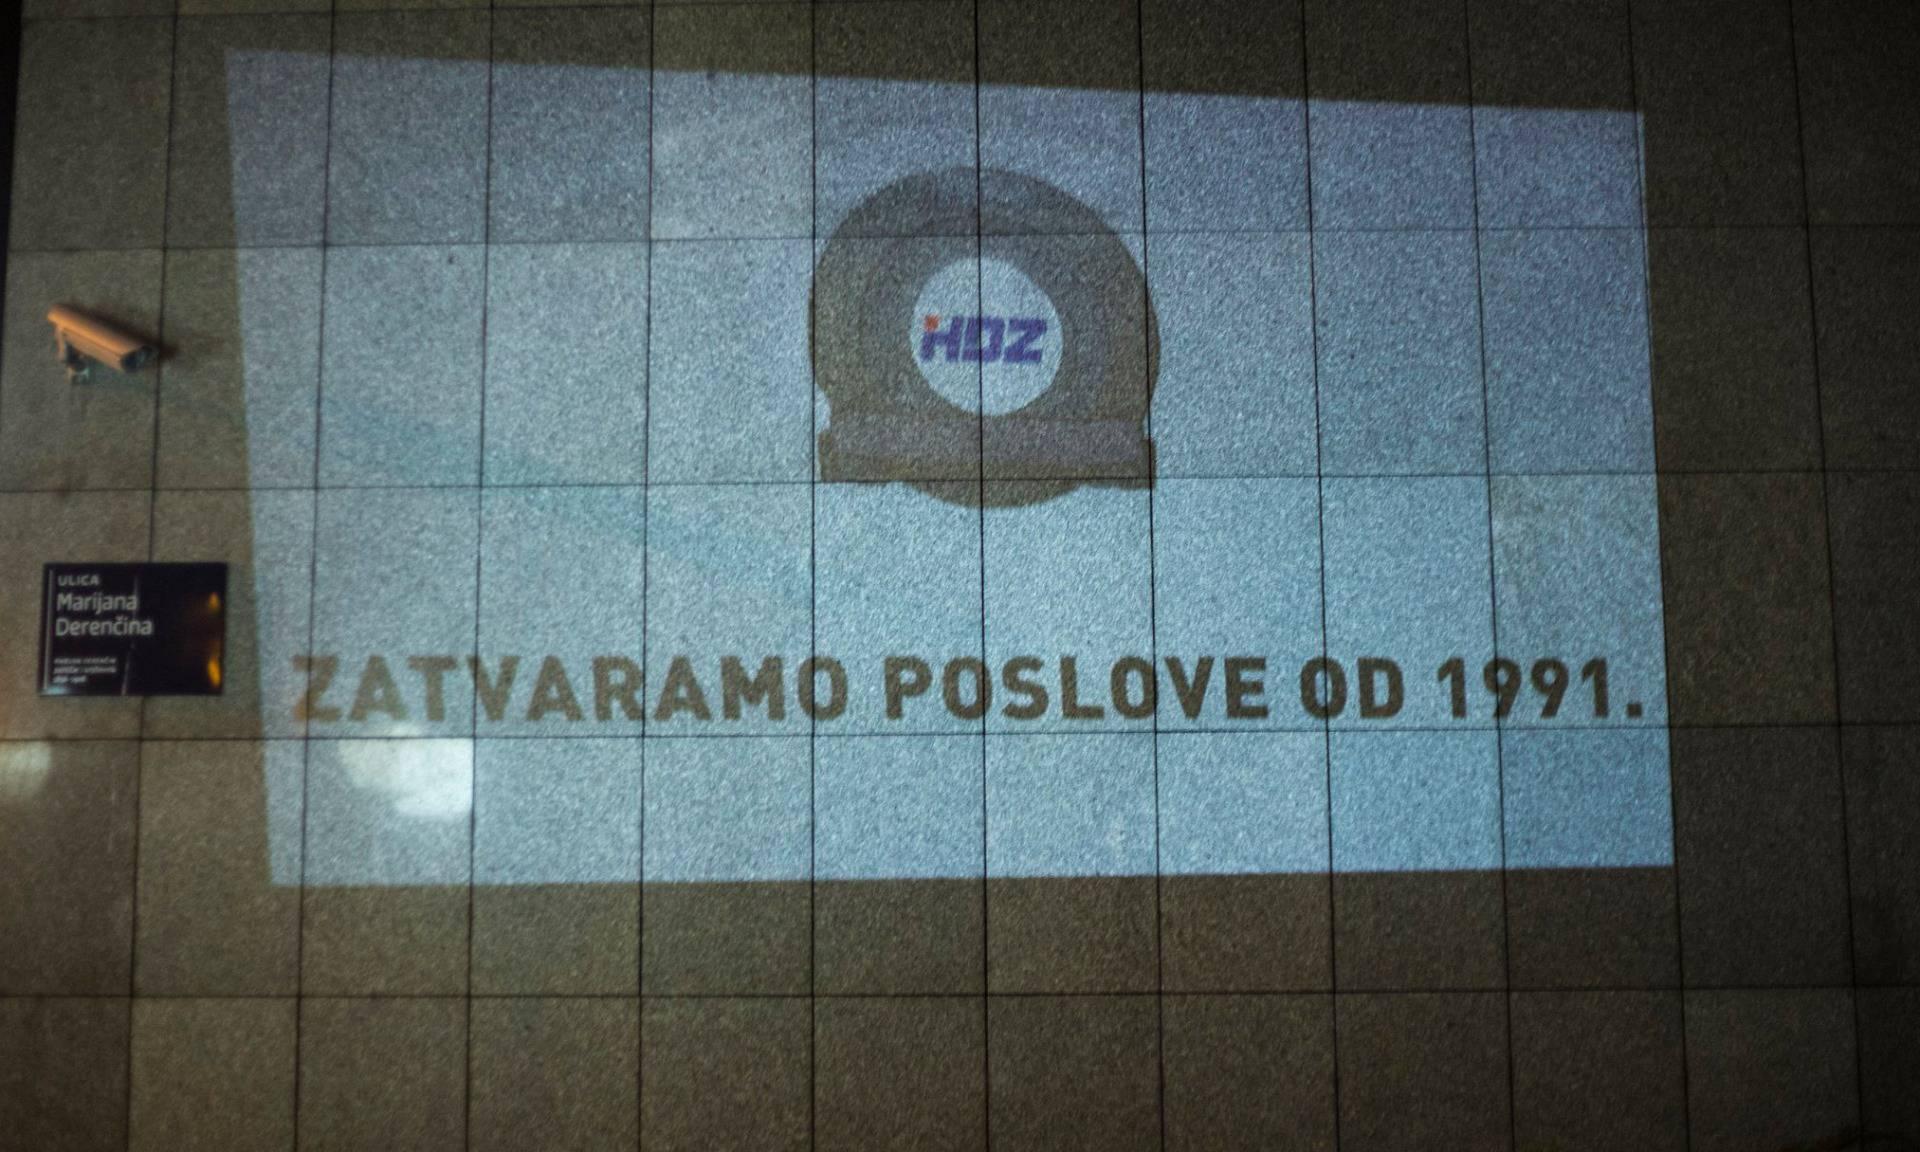 Projektorom na zgradi: 'HDZ, Zatvaramo poslove od 1991.'